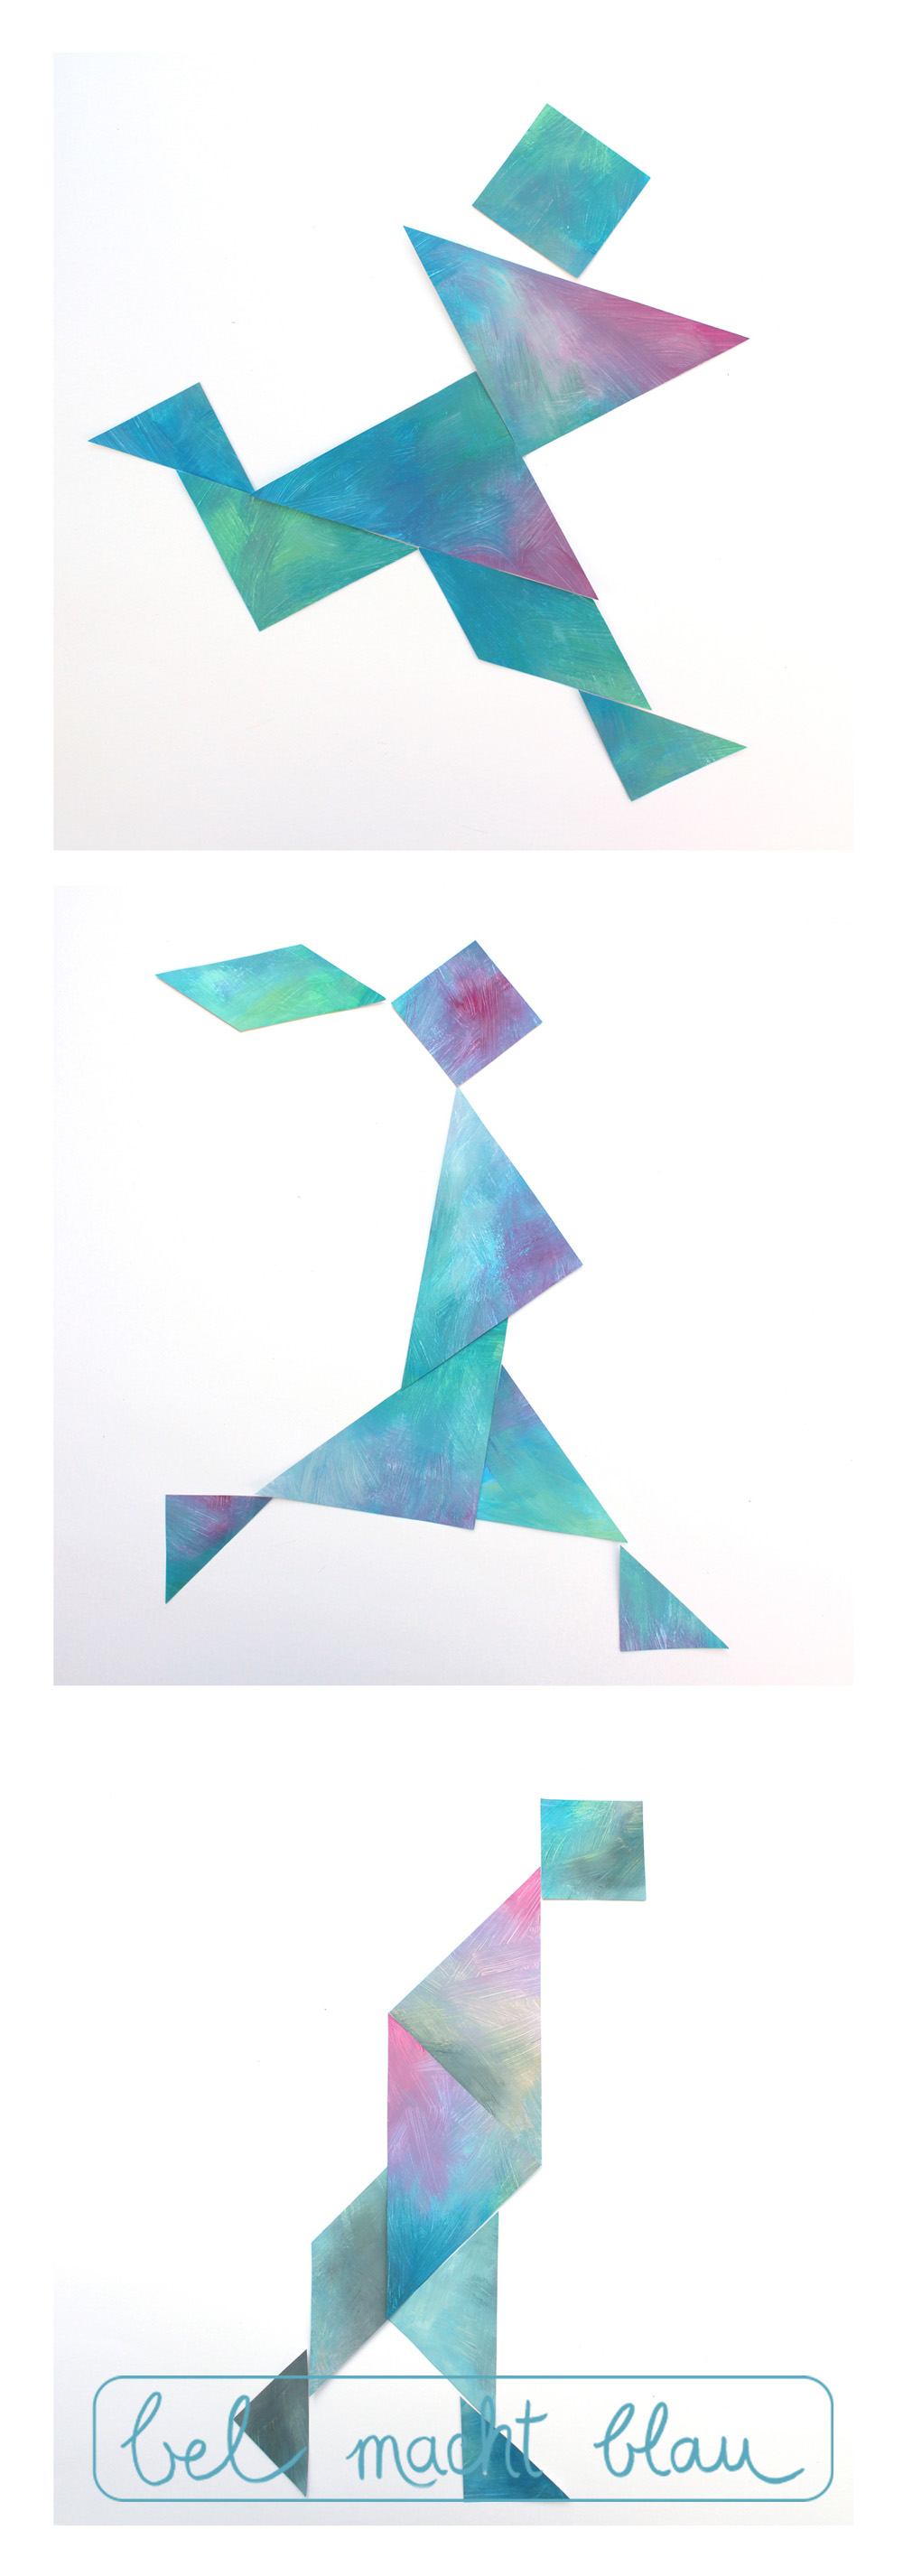 Tangram-Kunst: eine Serie von mehreren Figuren wirkt besonders gut.